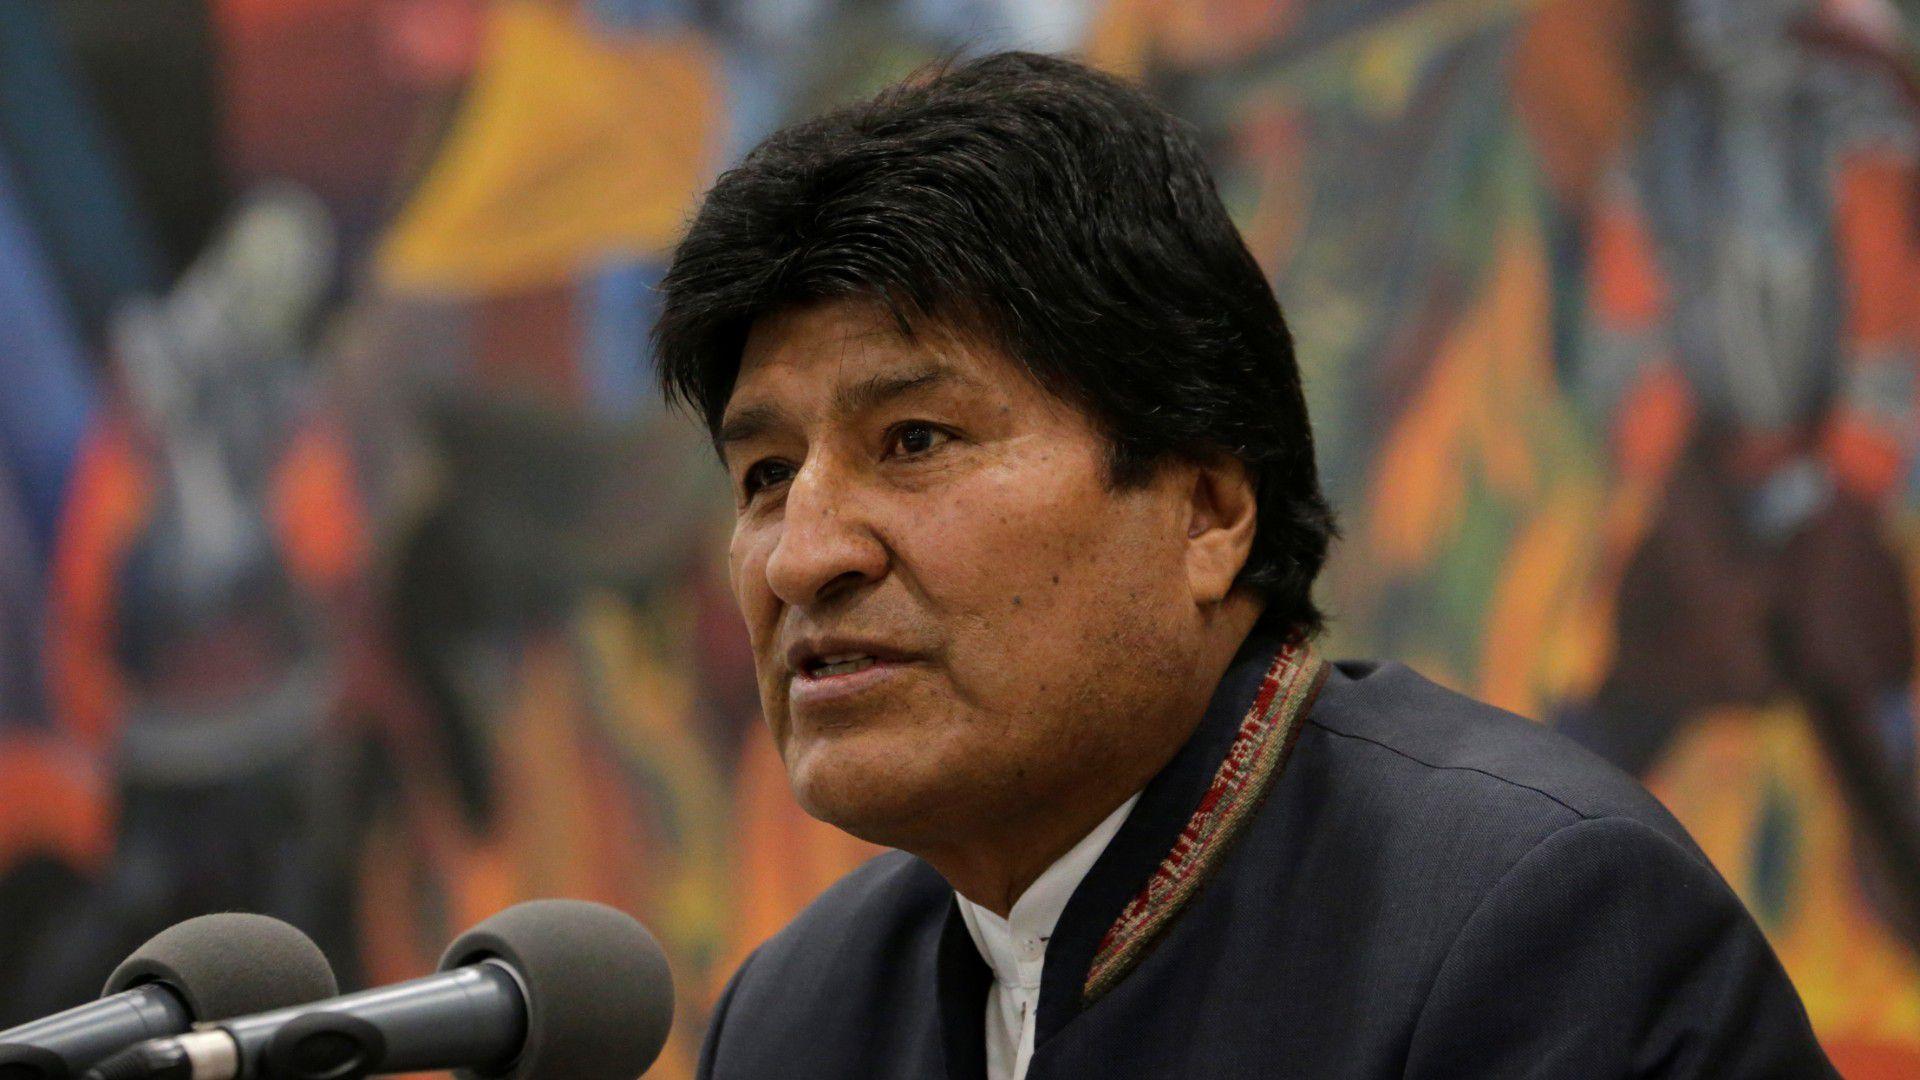 El presidente de Bolivia, Evo Morales, en rueda de prensa en el palacio presidencial La Casa Grande del Pueblo en La Paz (REUTERS/David Mercado)